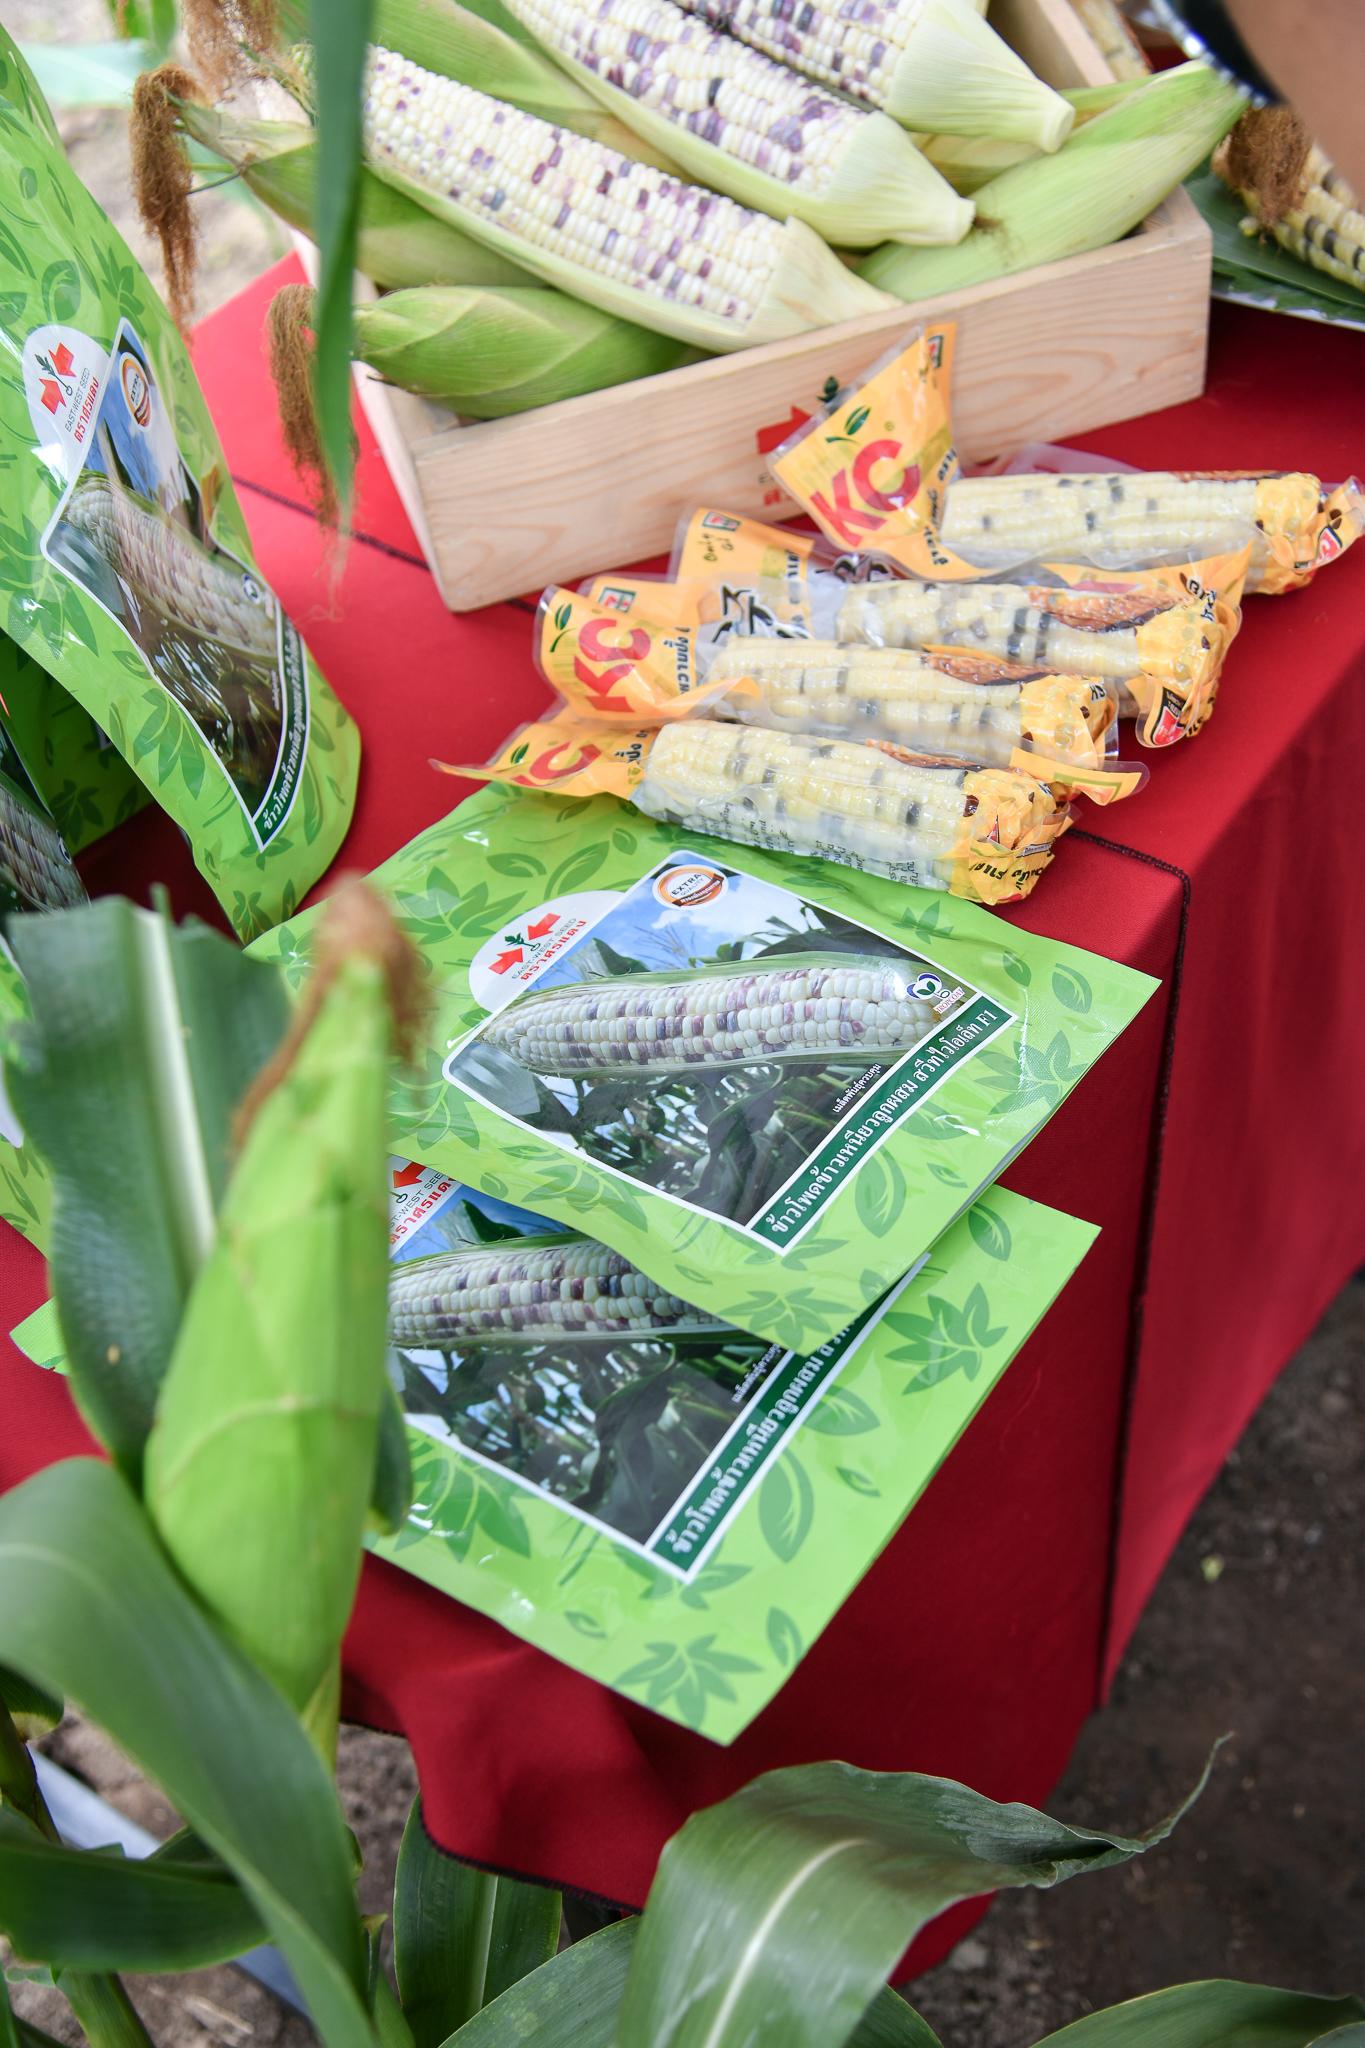 ศรแดงผนึกกำลังซันสวีท พัฒนาตลาดข้าวโพดข้าวเหนียว สู่ร้านสะดวกซื้อทั่วไทย